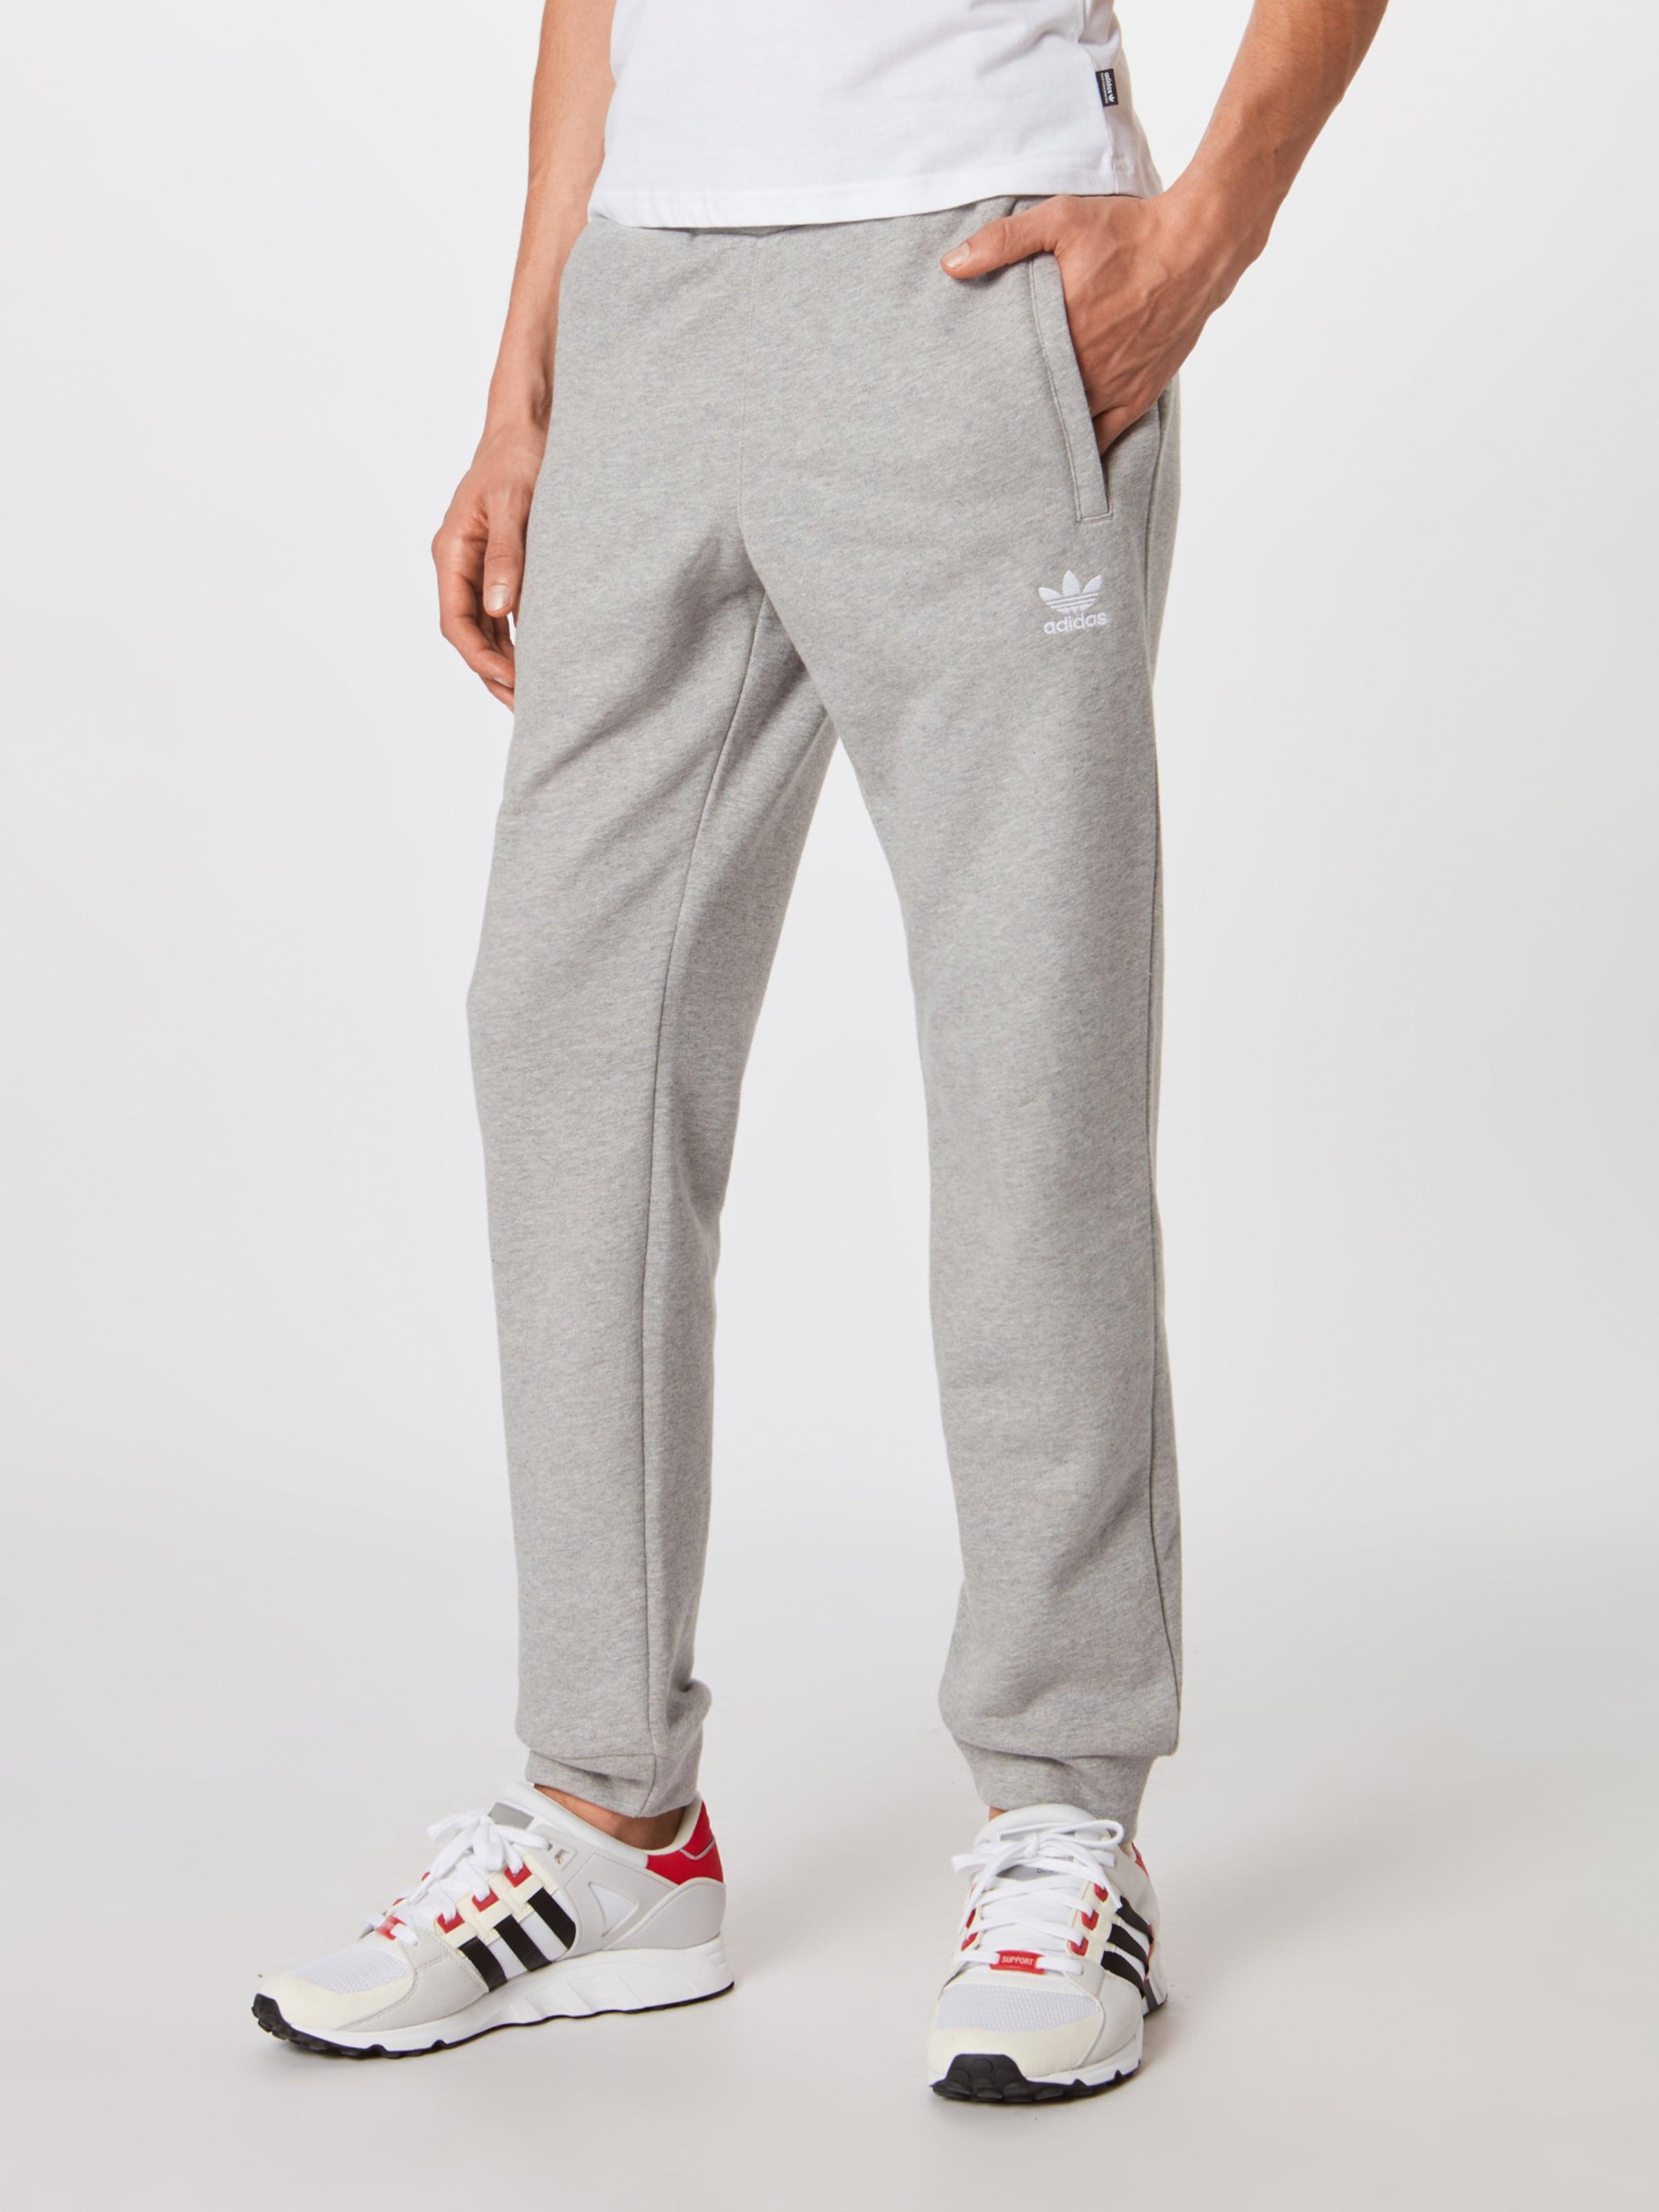 Clair Pantalon Gris En Pant' Adidas 'trefoil Originals sdhrtxQC